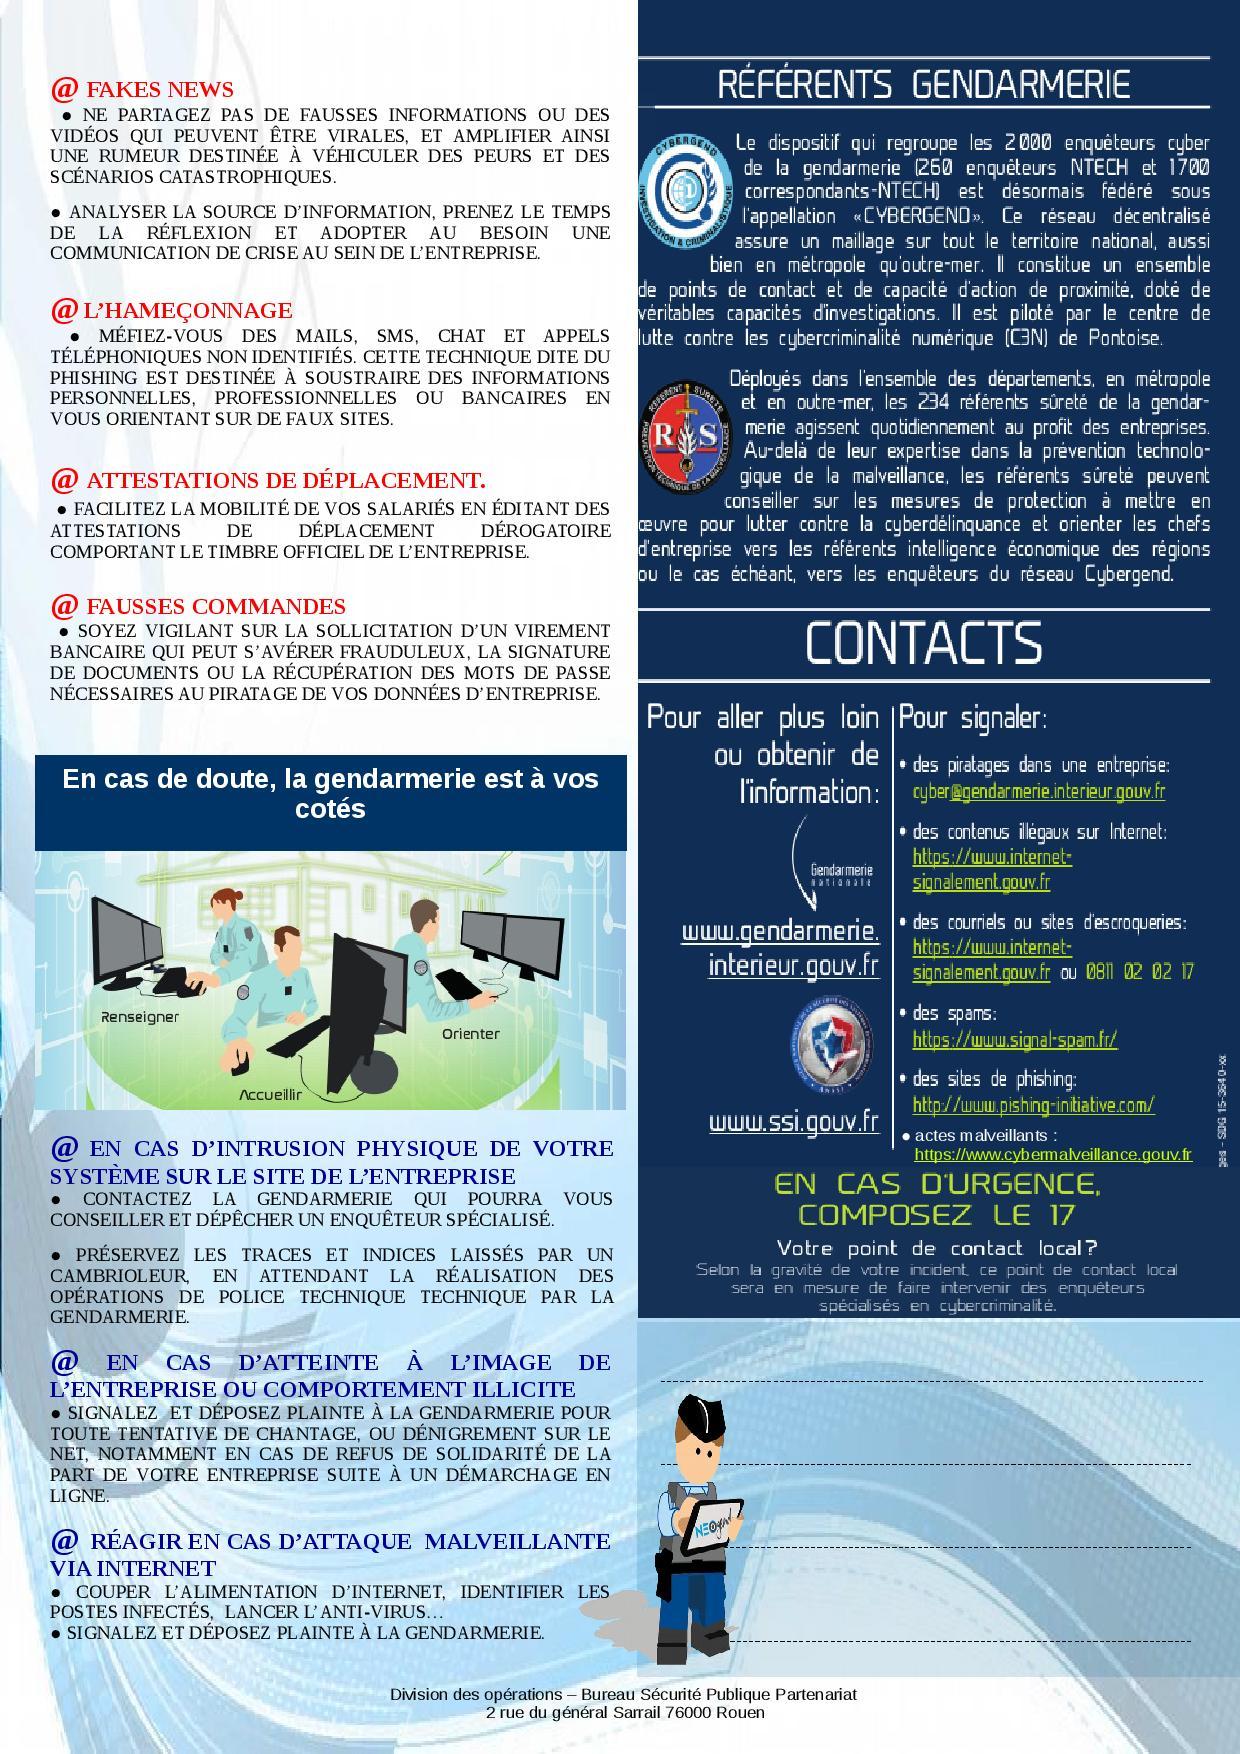 cybermenaces-page-002